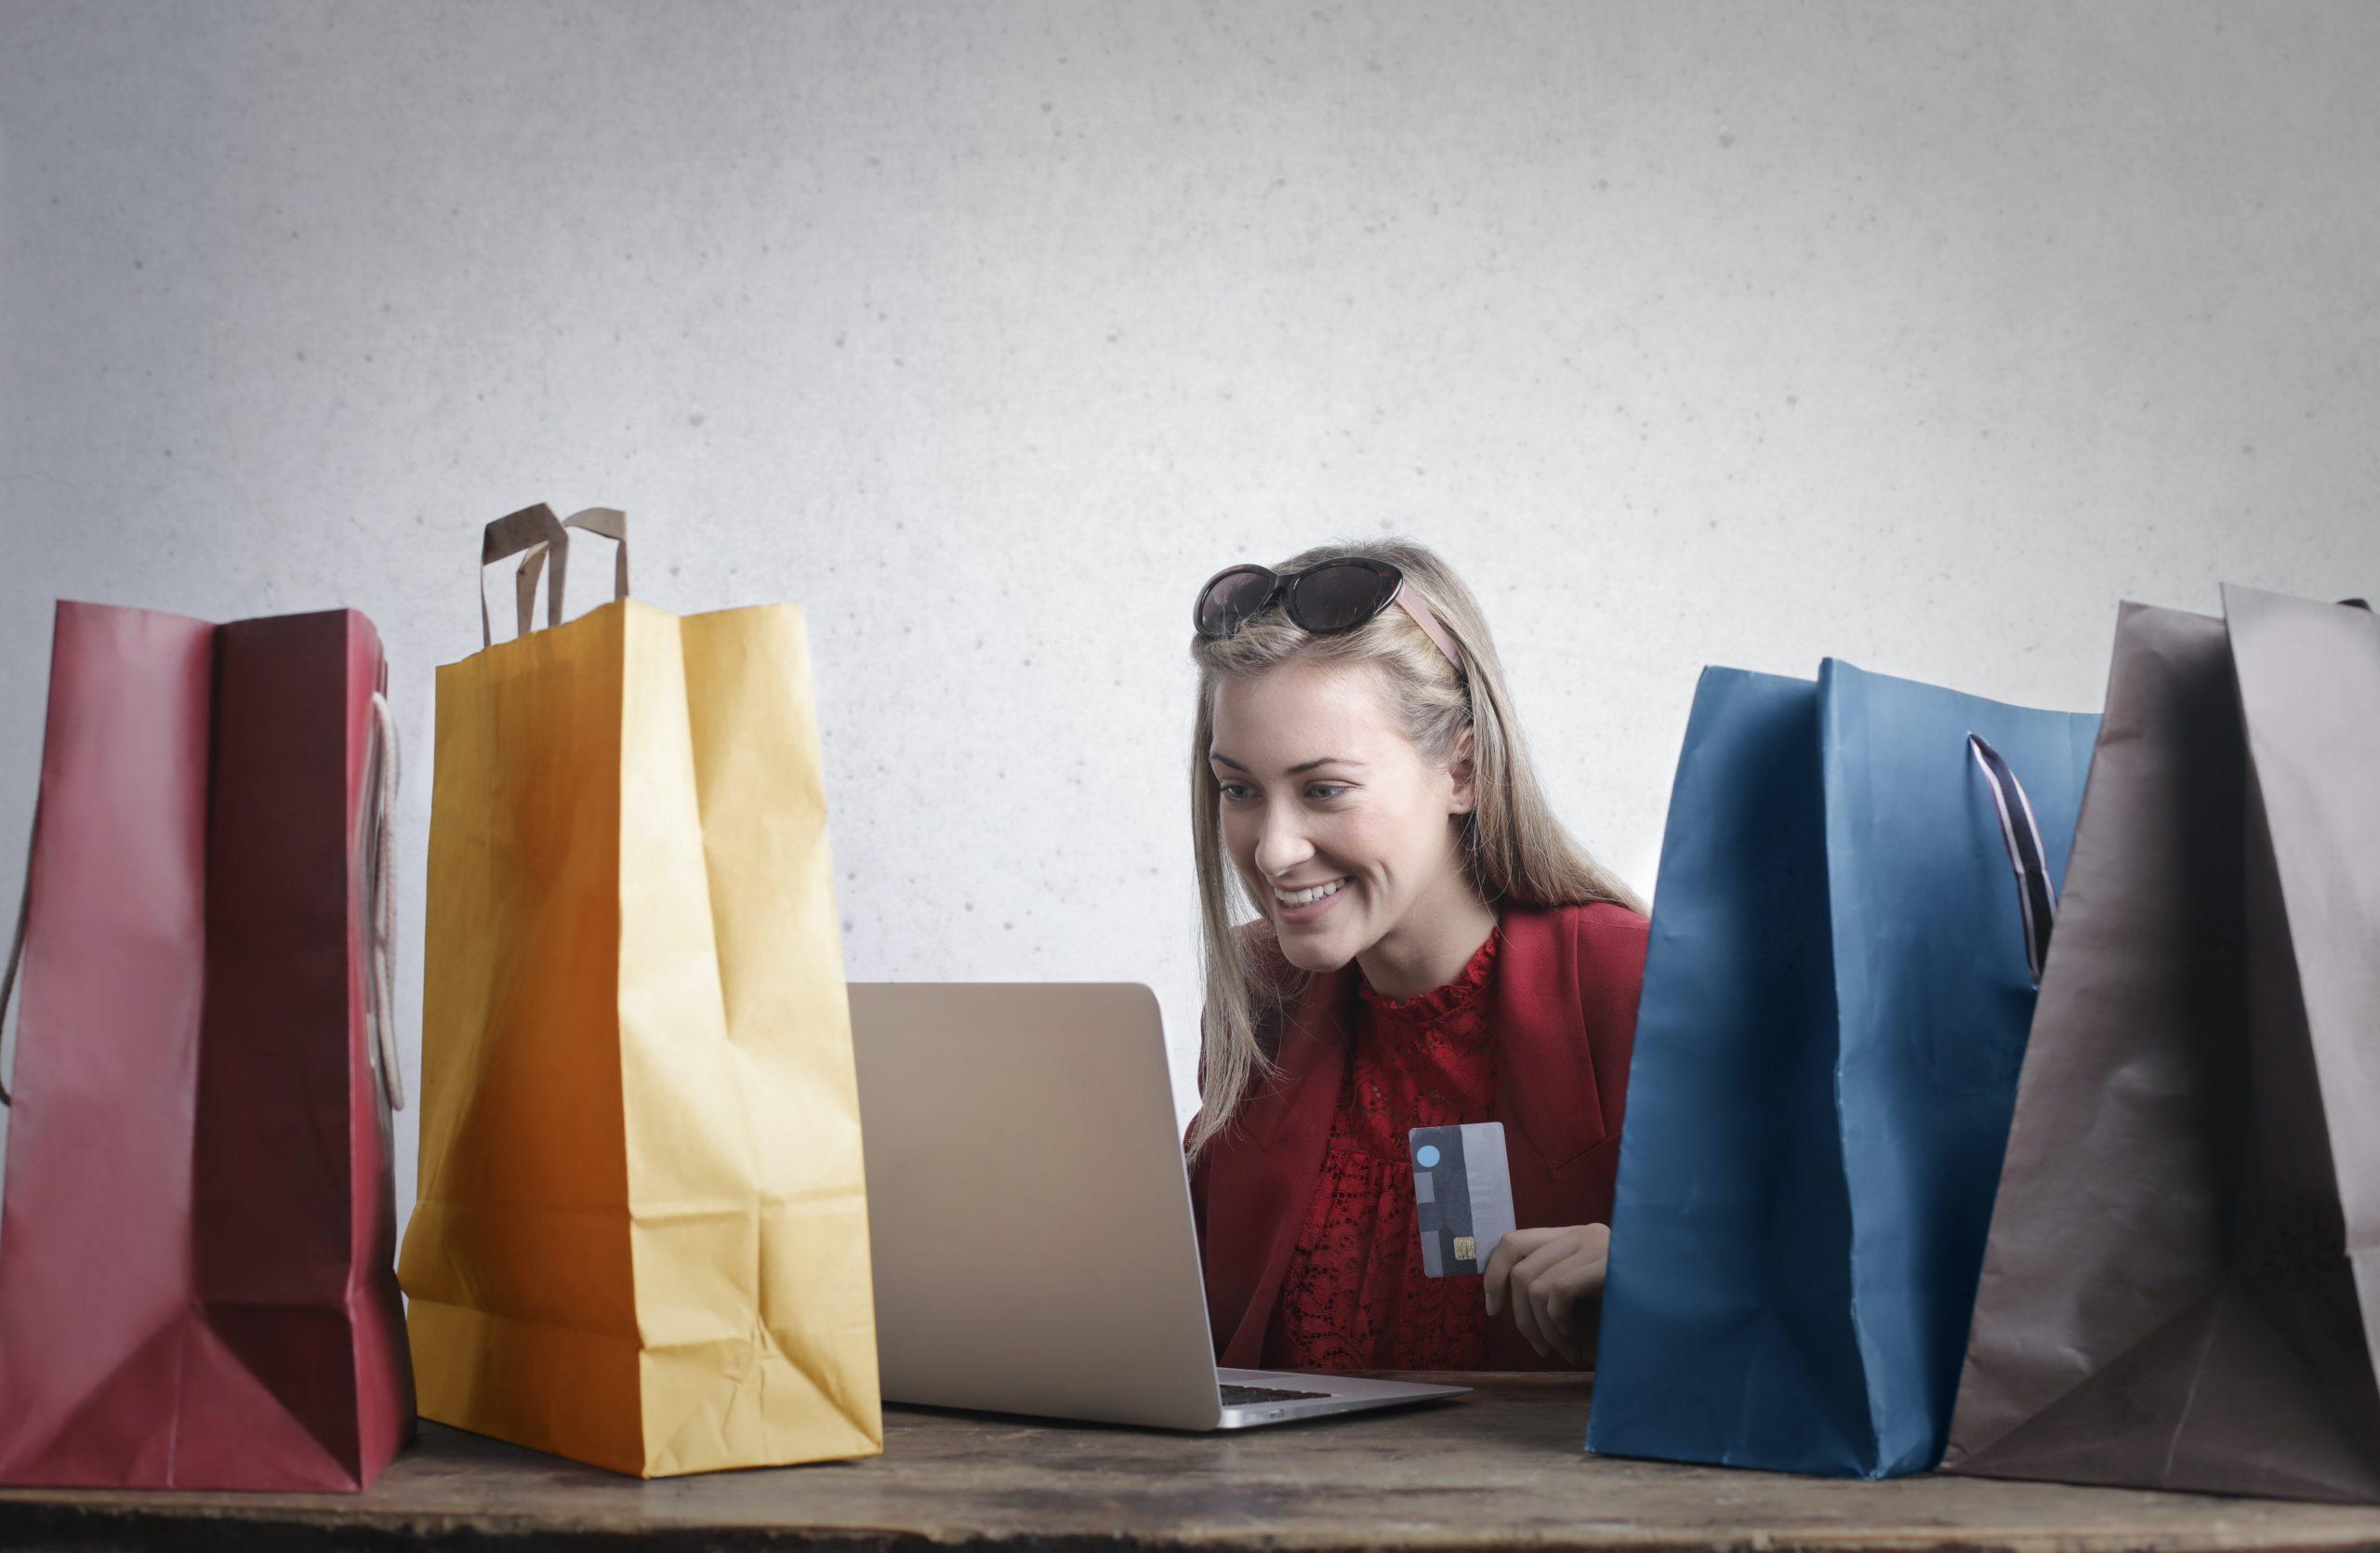 ¿Por qué llegamos a malgastar nuestro dinero con las compras?